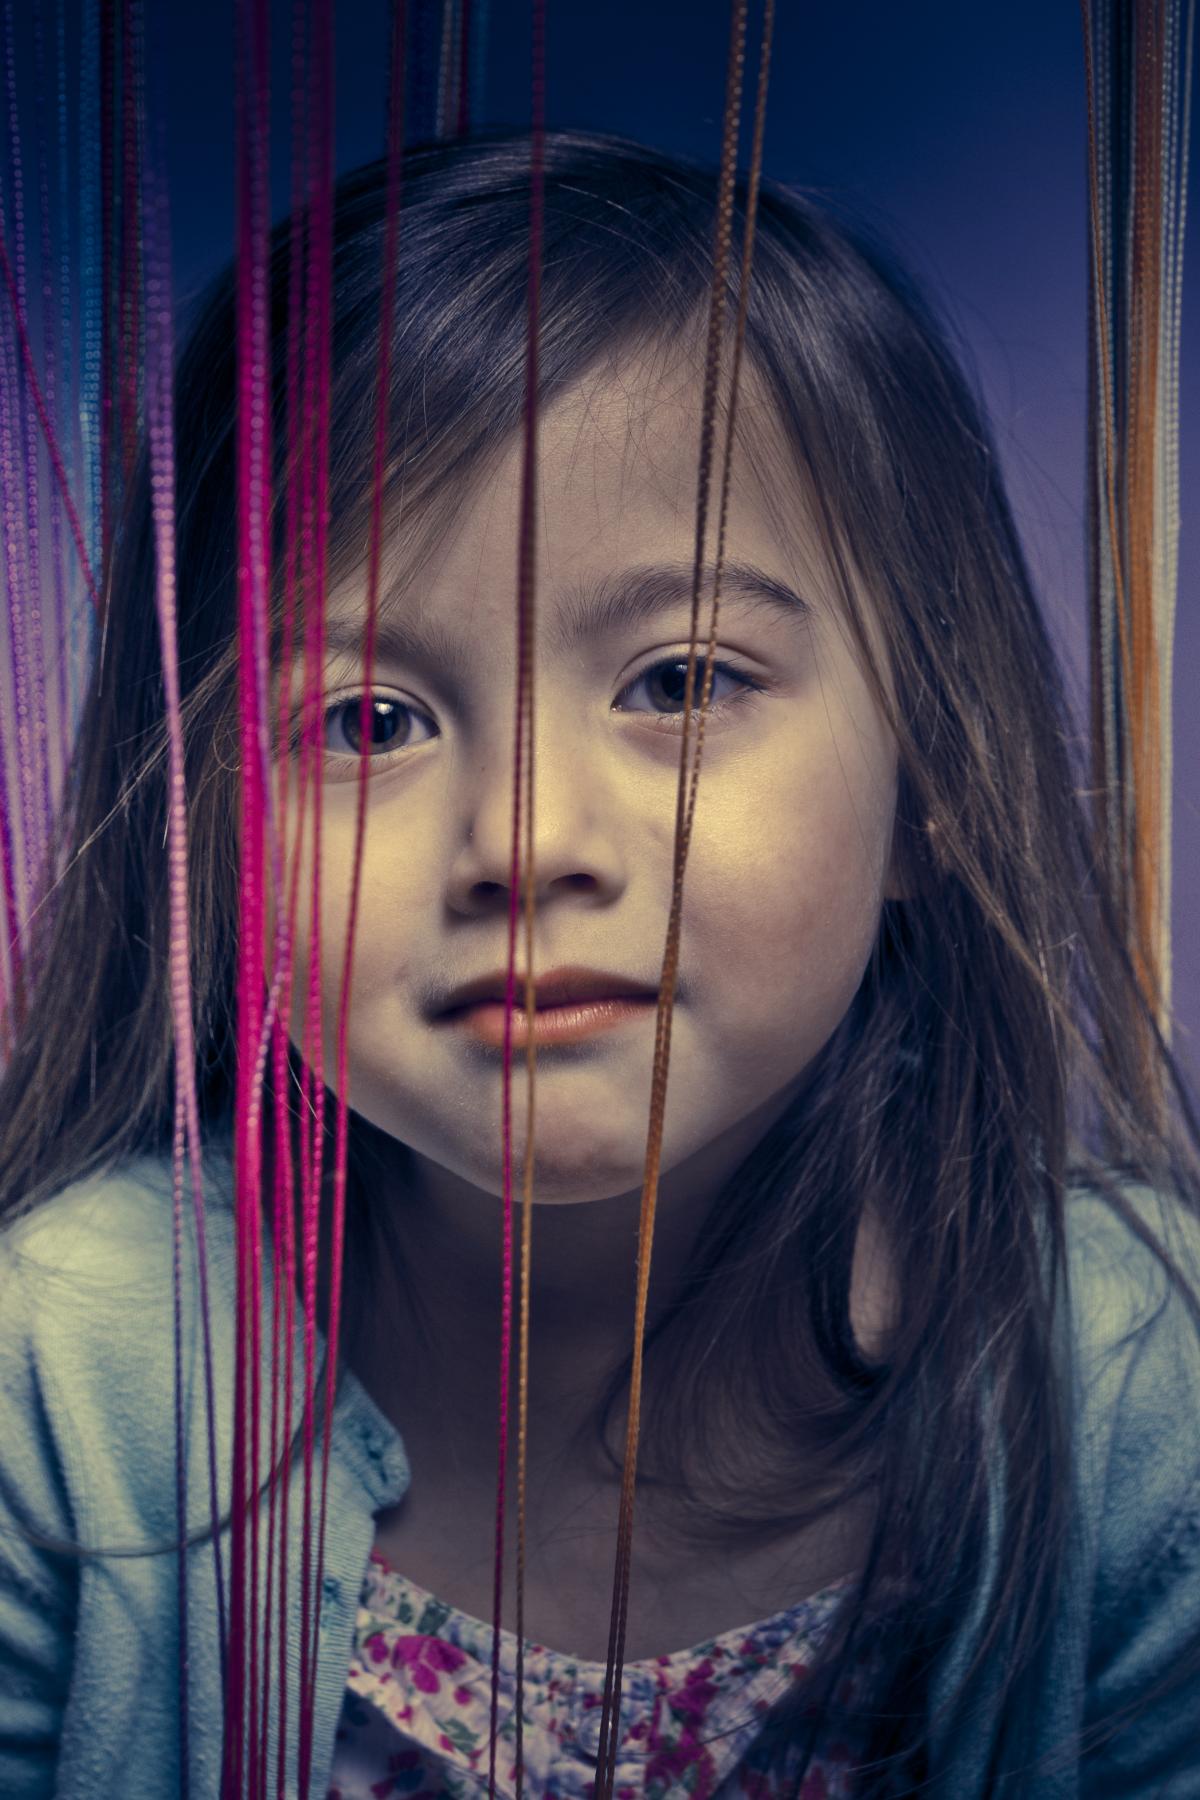 Kunstige kinderfotoshoot met Aimee en Belle